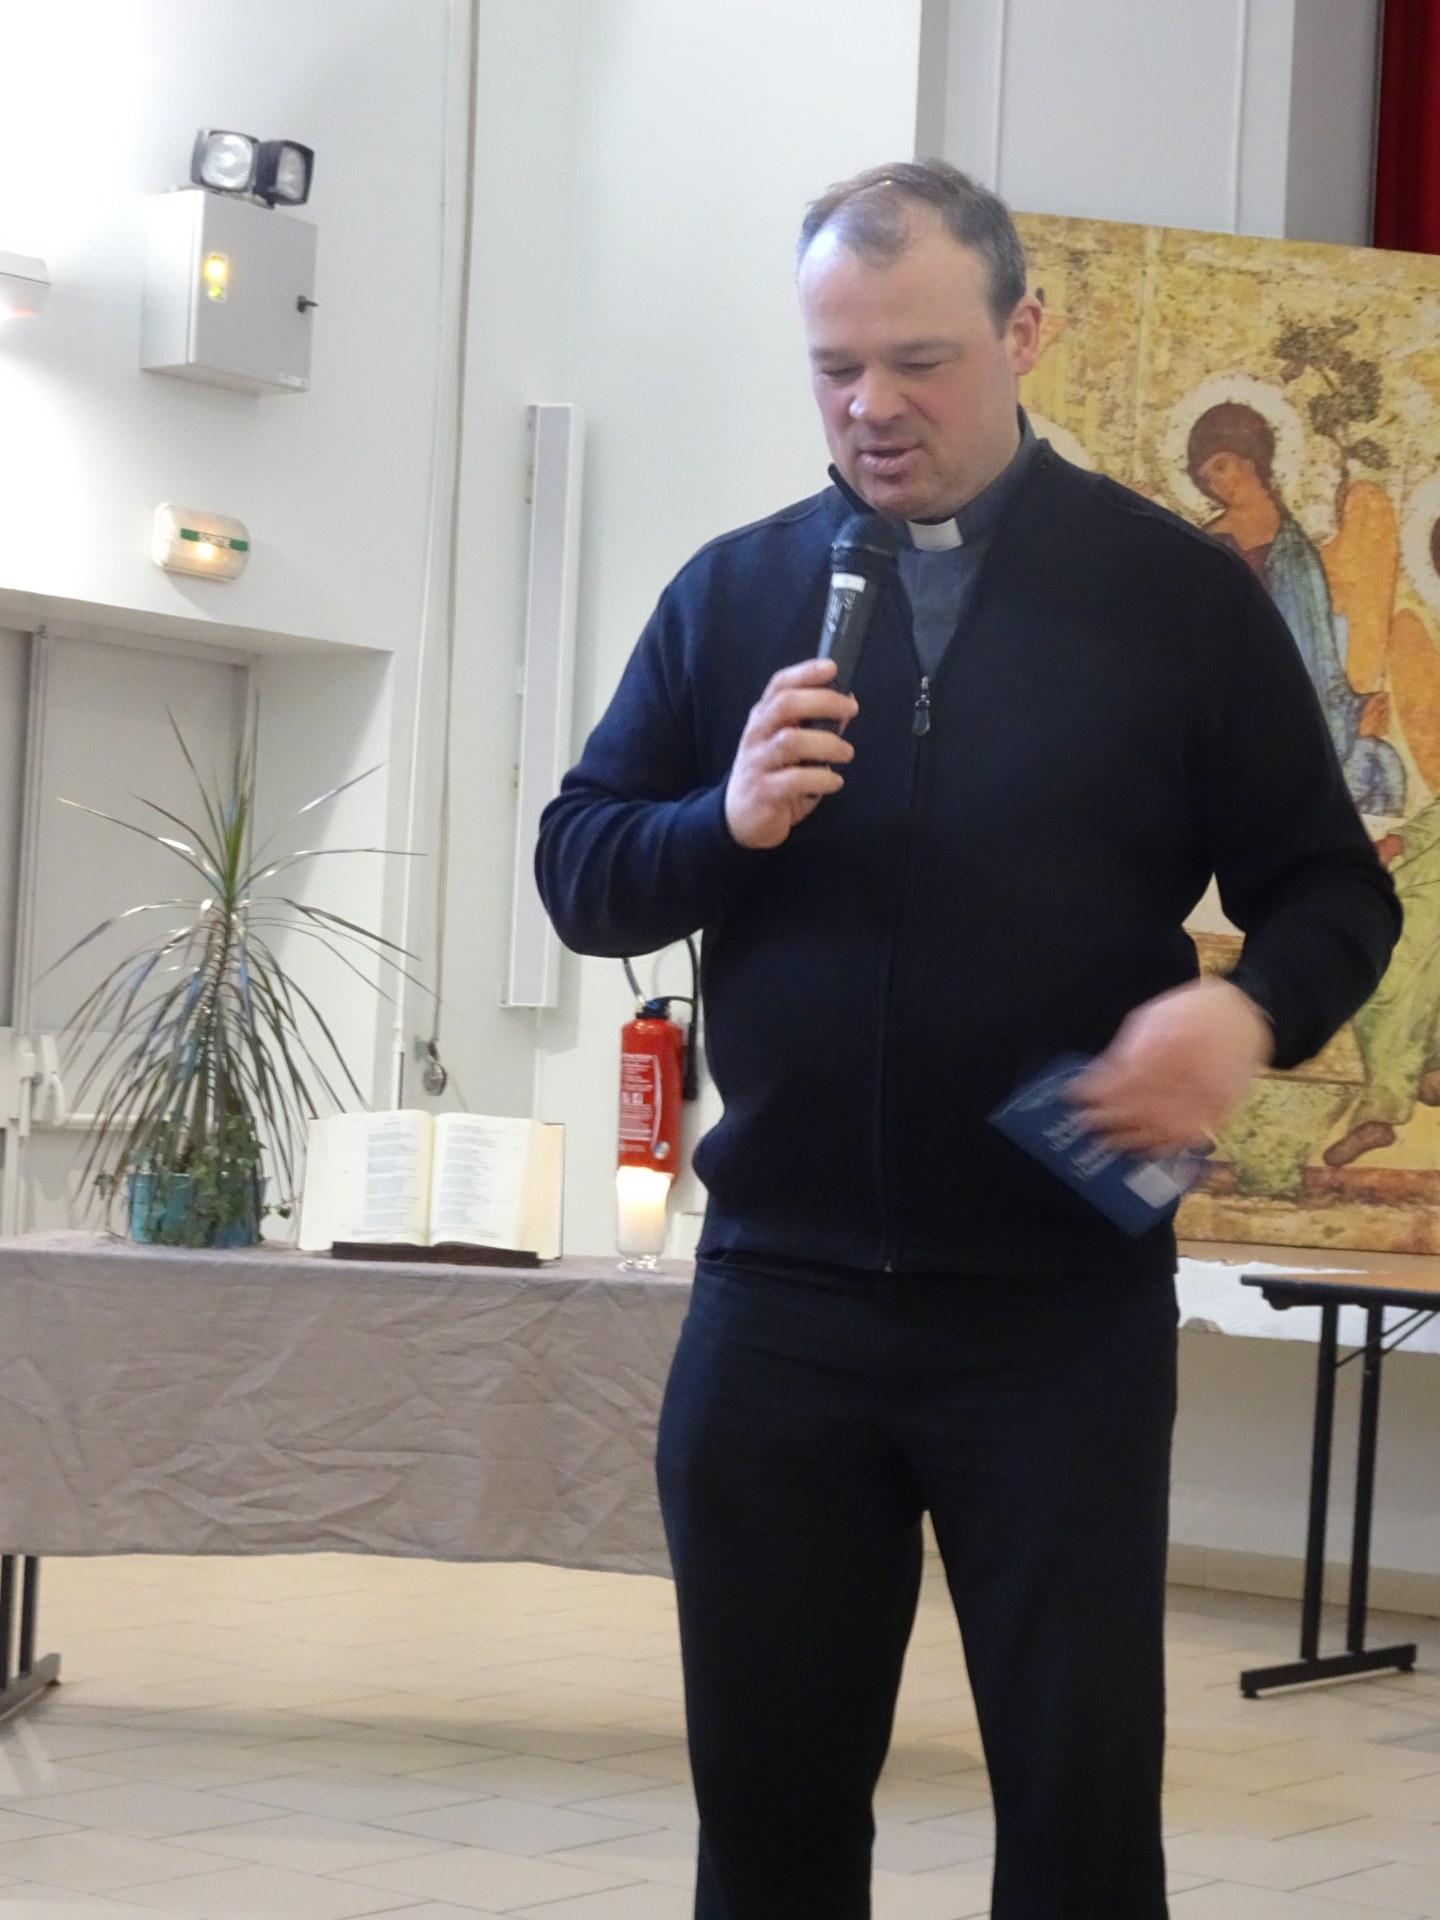 Paroisse en feu F Manoukian 2018-02-10 (1)